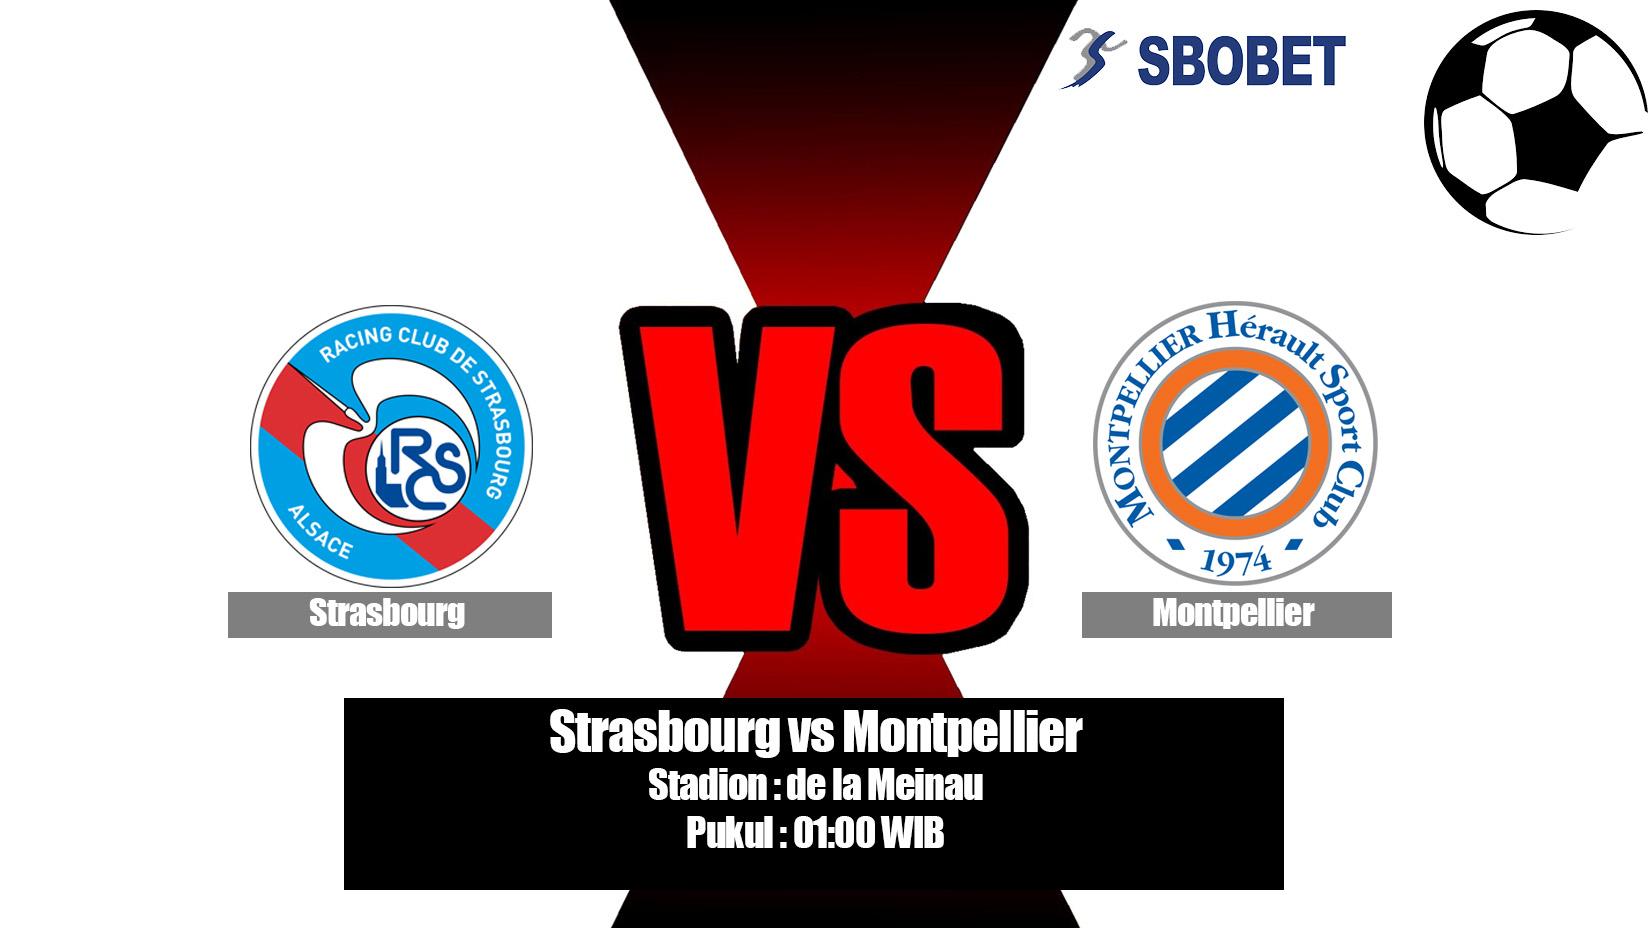 Prediksi Bola Strasbourg vs Montpellier 21 April 2019